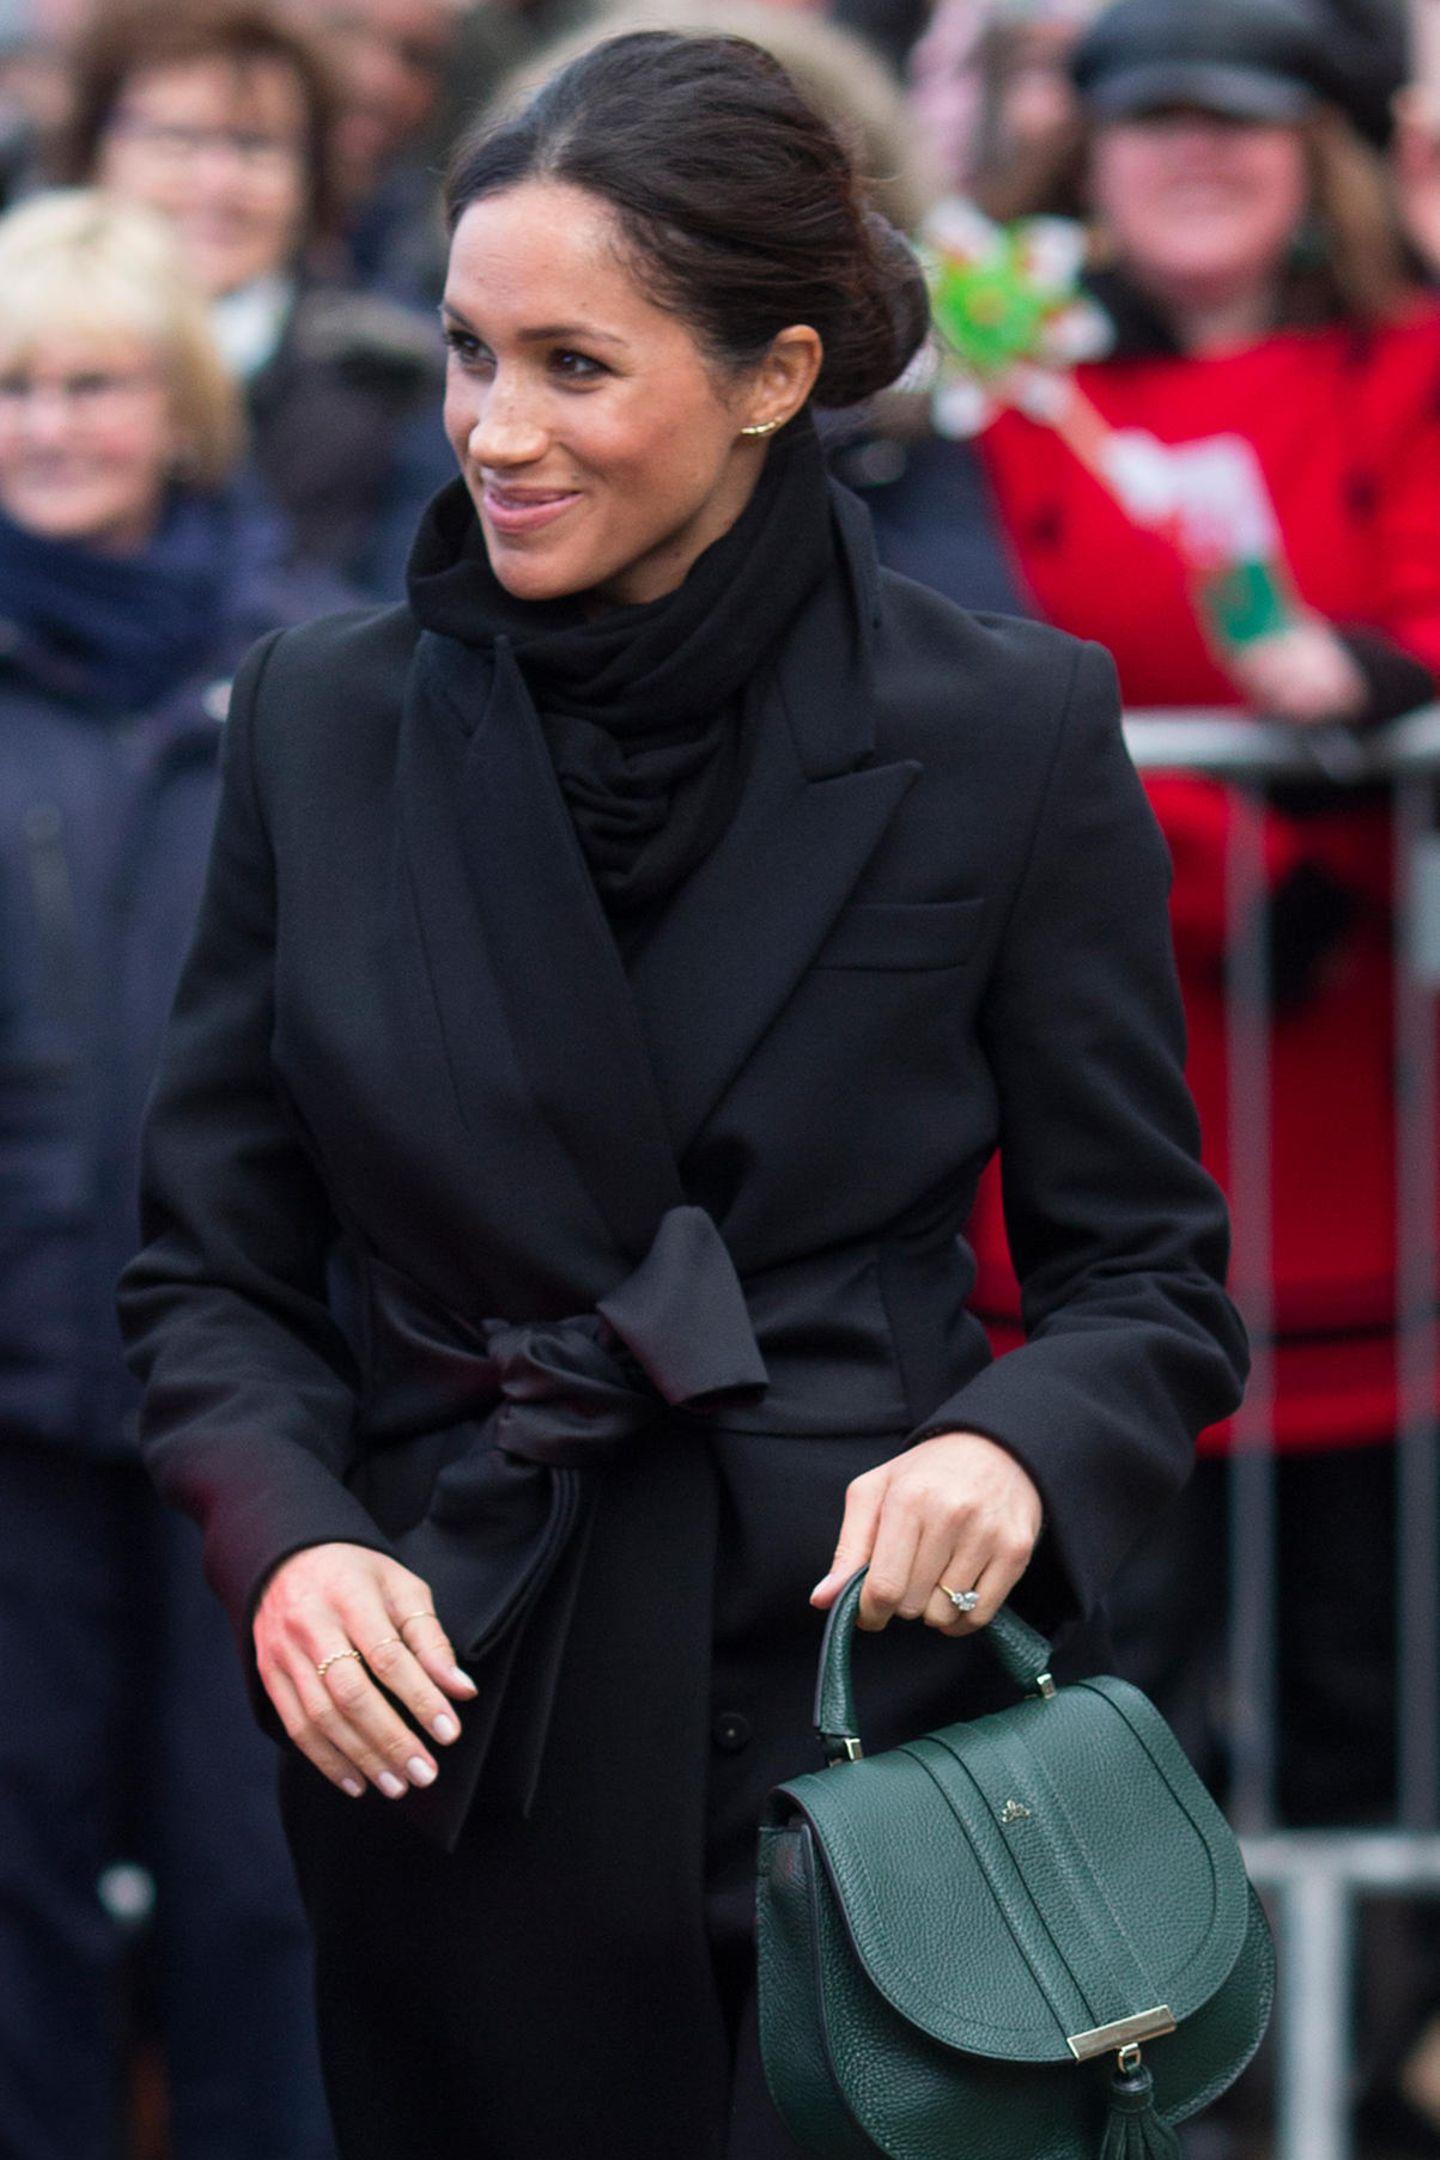 Denn wer weiß, vielleicht ist die Designertasche eine Leihgabe von Herzogin Meghan. Dass sie sich mit der Herzogin von Cornwall gut versteht, ist kein Geheimnis. Immer wieder sieht man Meghan und Camilla lachend und tuschelnd in der Öffentlichkeit. Vielleicht erstreckt sich diese Freundschaft mittlerweile auch über die Kleiderschränke der beiden.